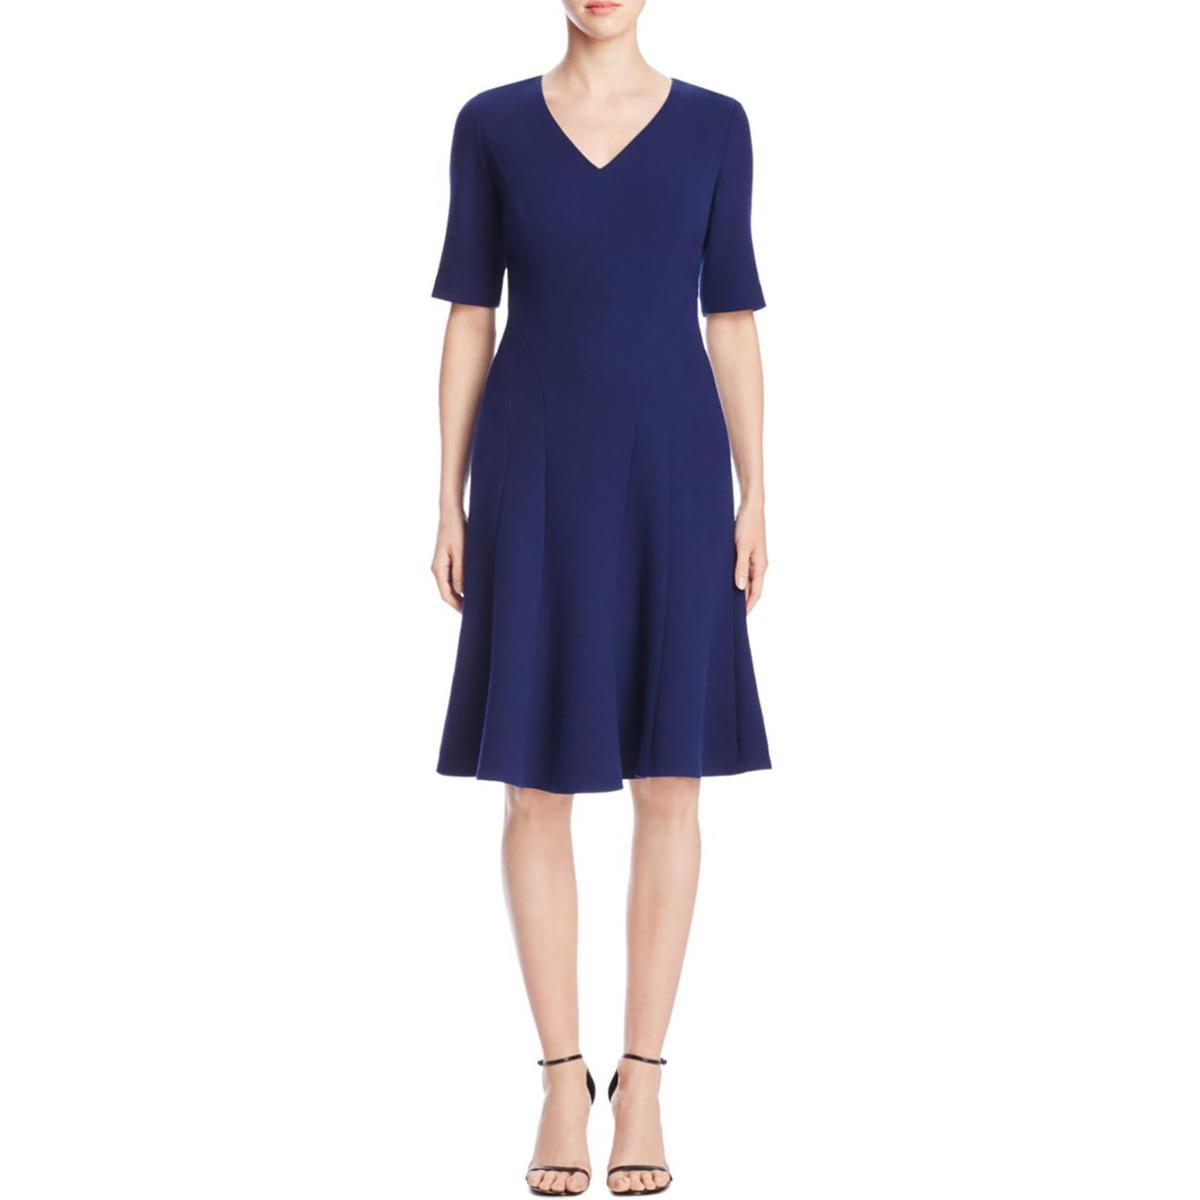 Lafayette 148 Womens Mirasol Textured Wool Elbow Sleeves Wear to Work Dress by Lafayette 148